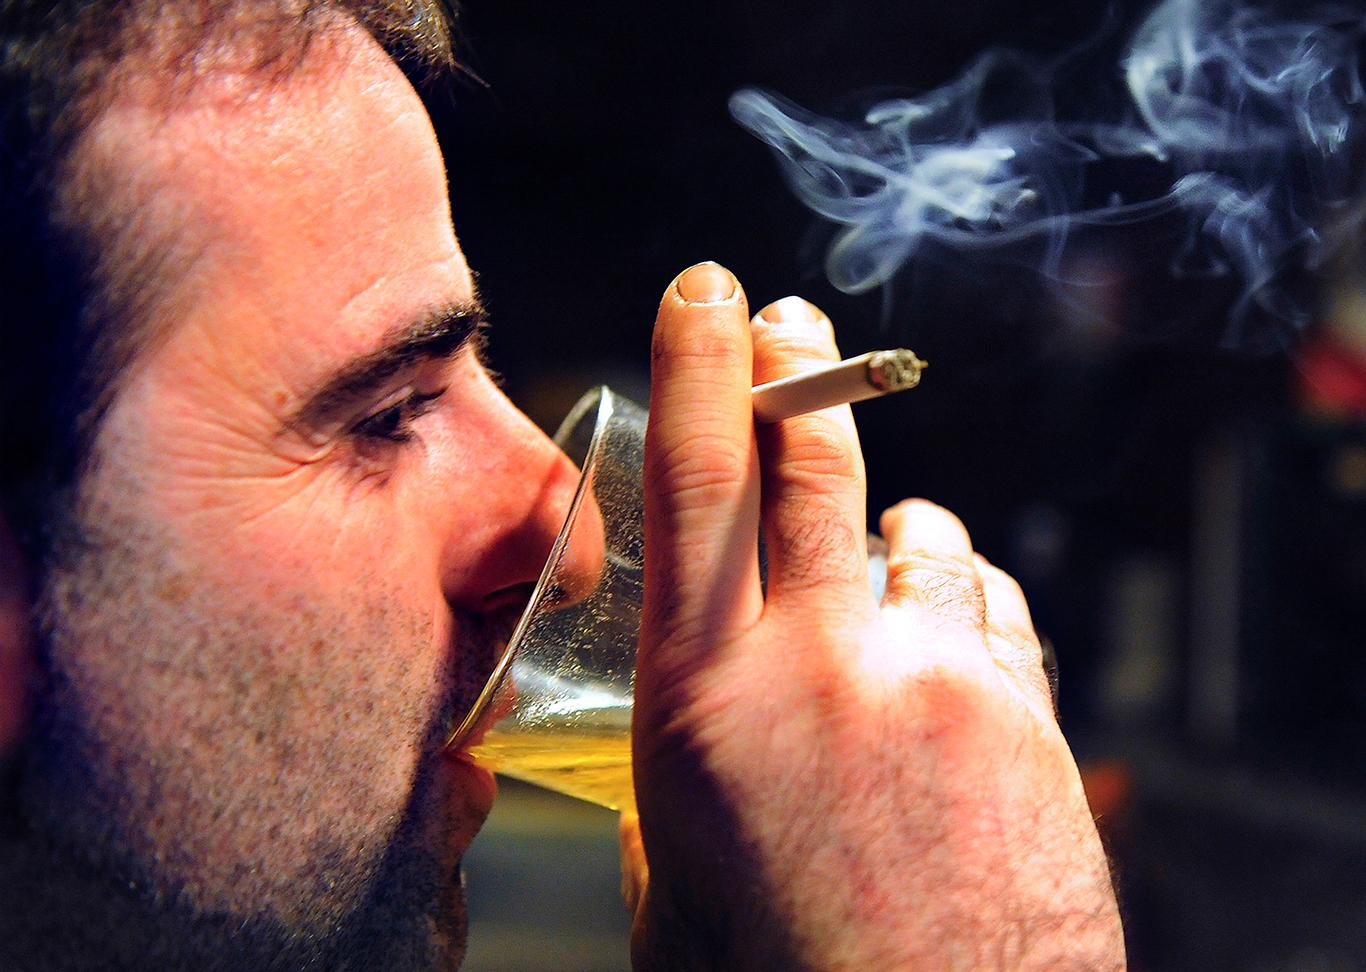 алкоголь и никотин причины сонливости